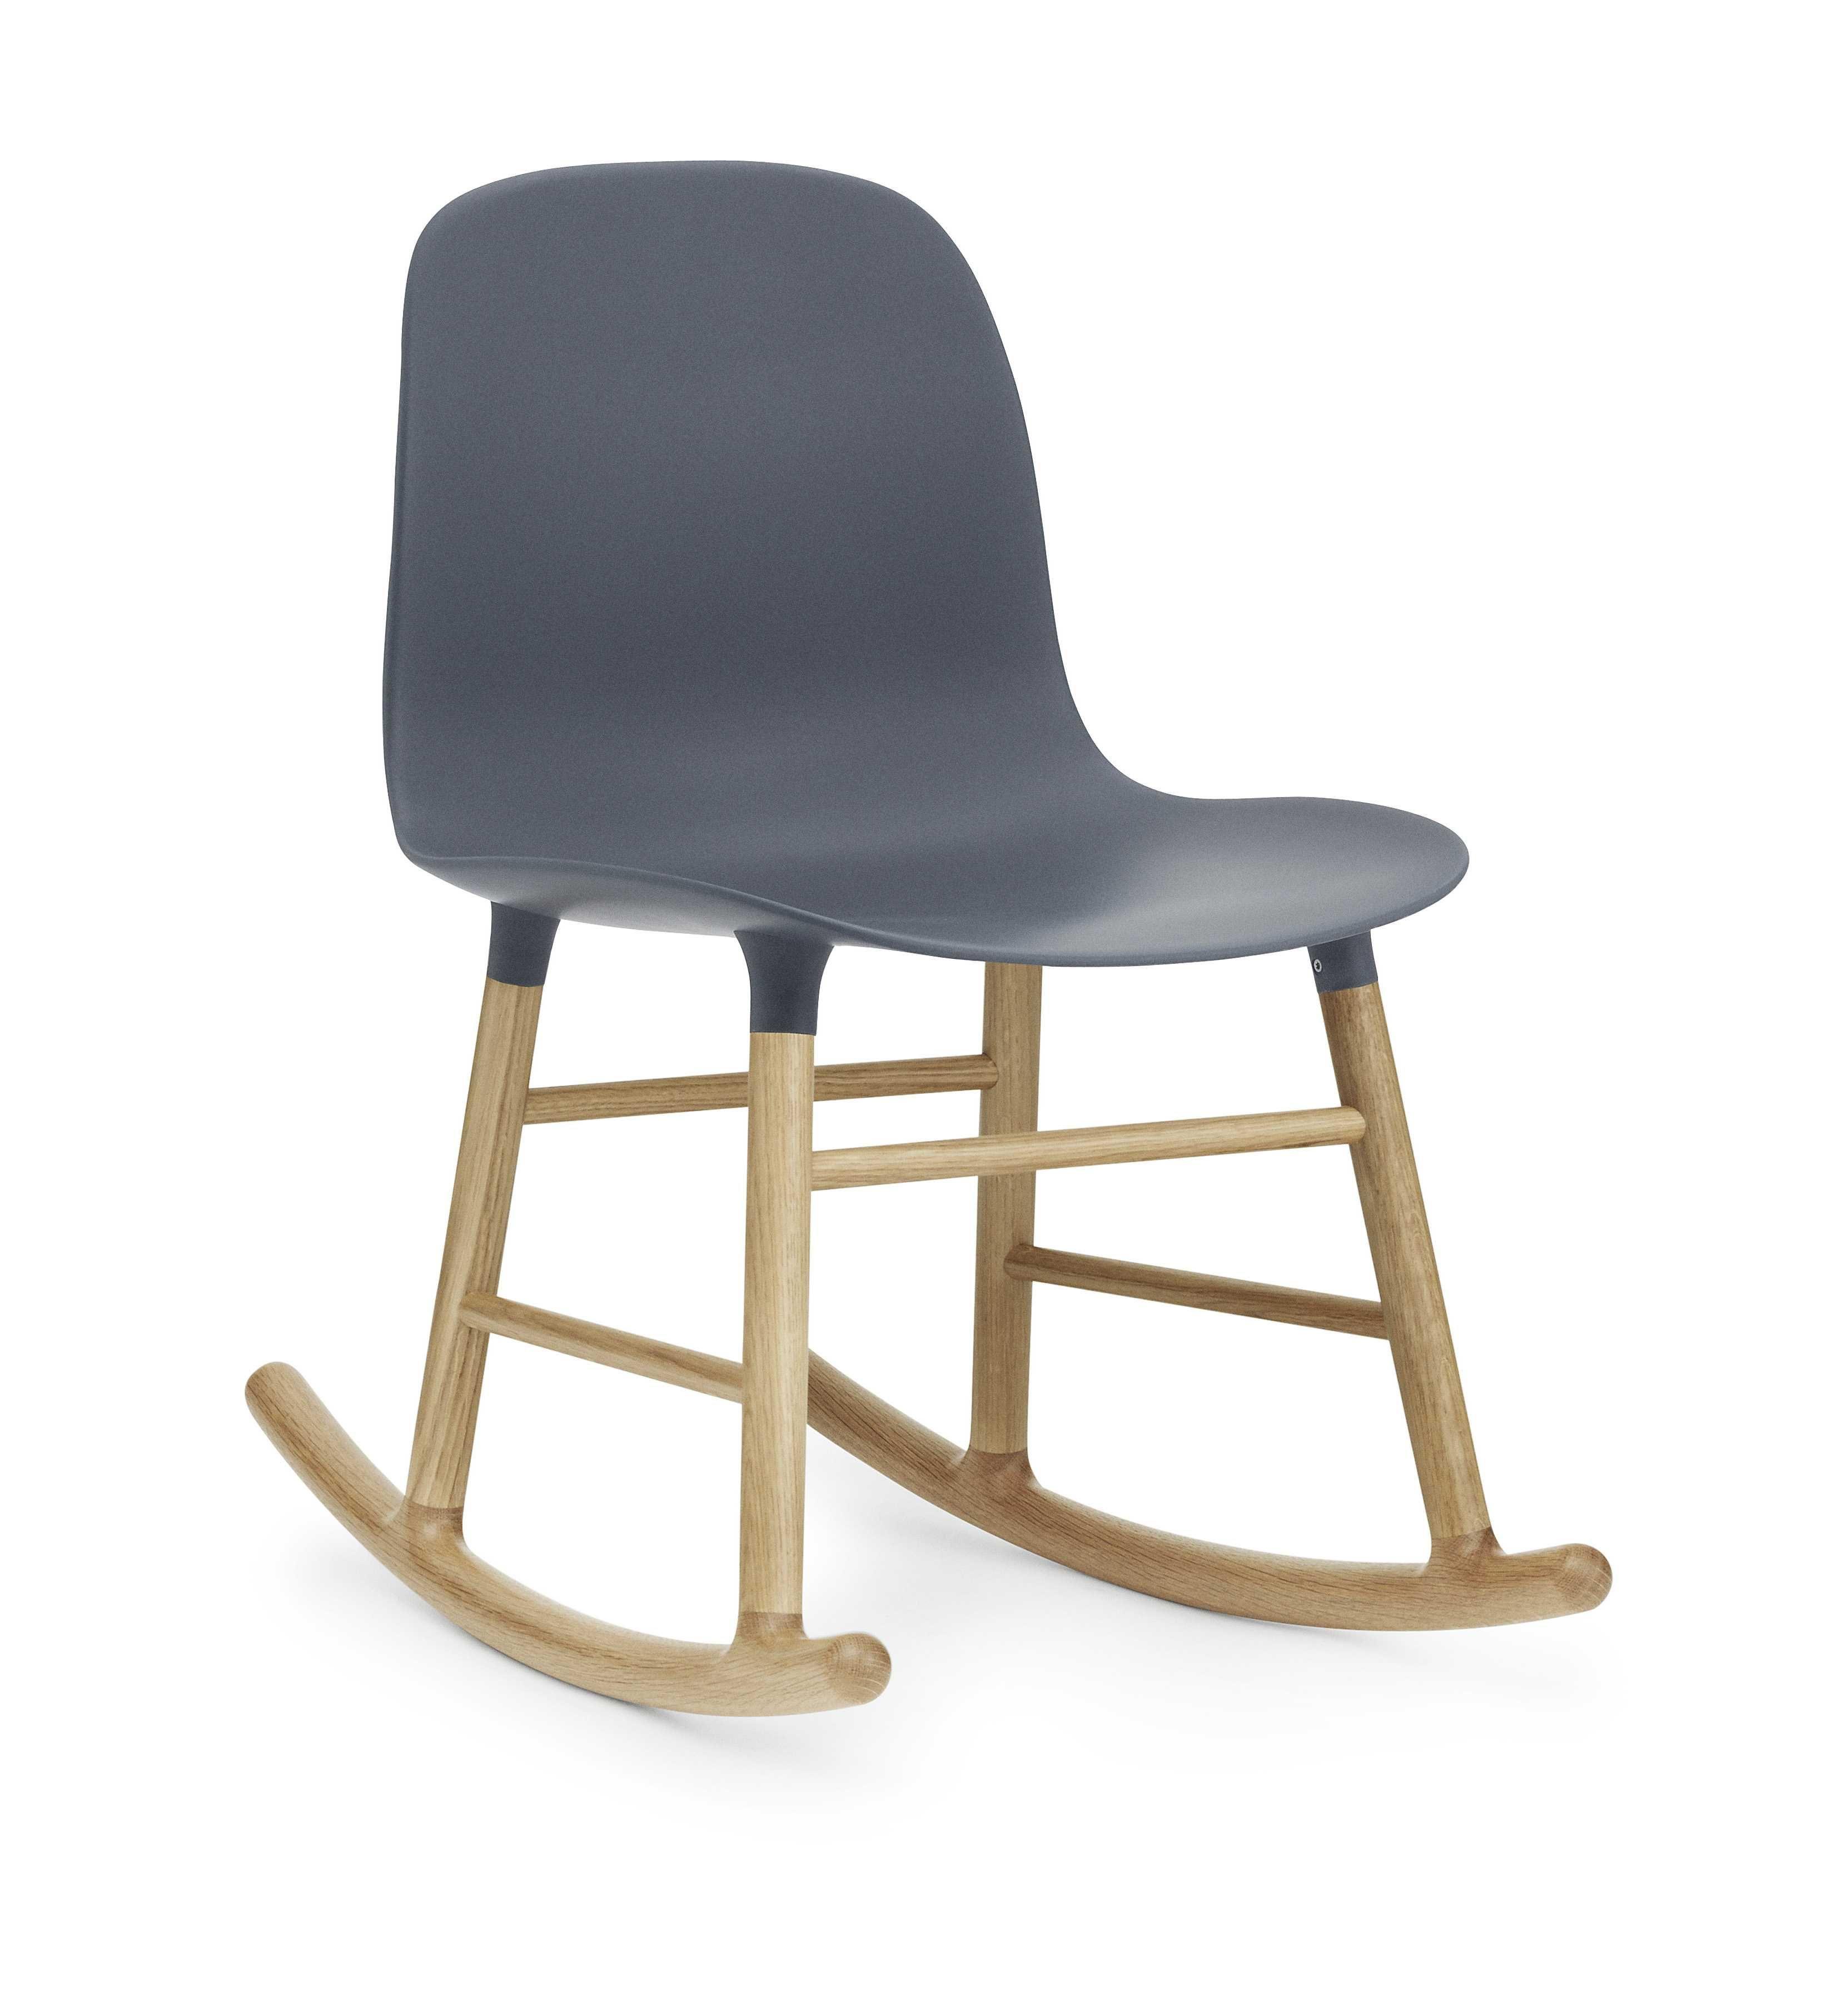 Normann Copenhagen Form Rocking Chair schommelstoel met eiken onderstel blauw kopen